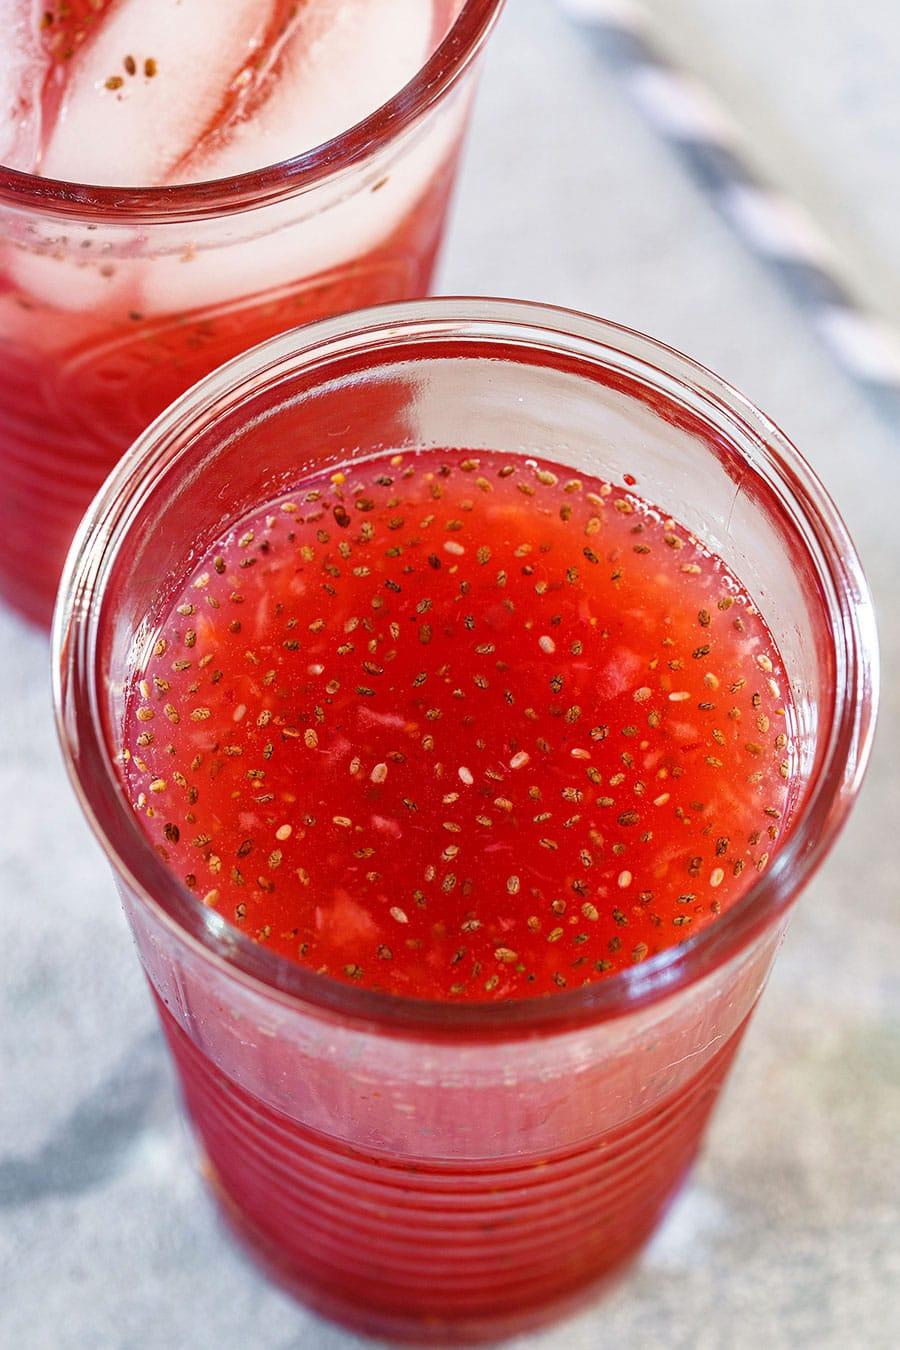 A close up of agua de fresa in a glass.